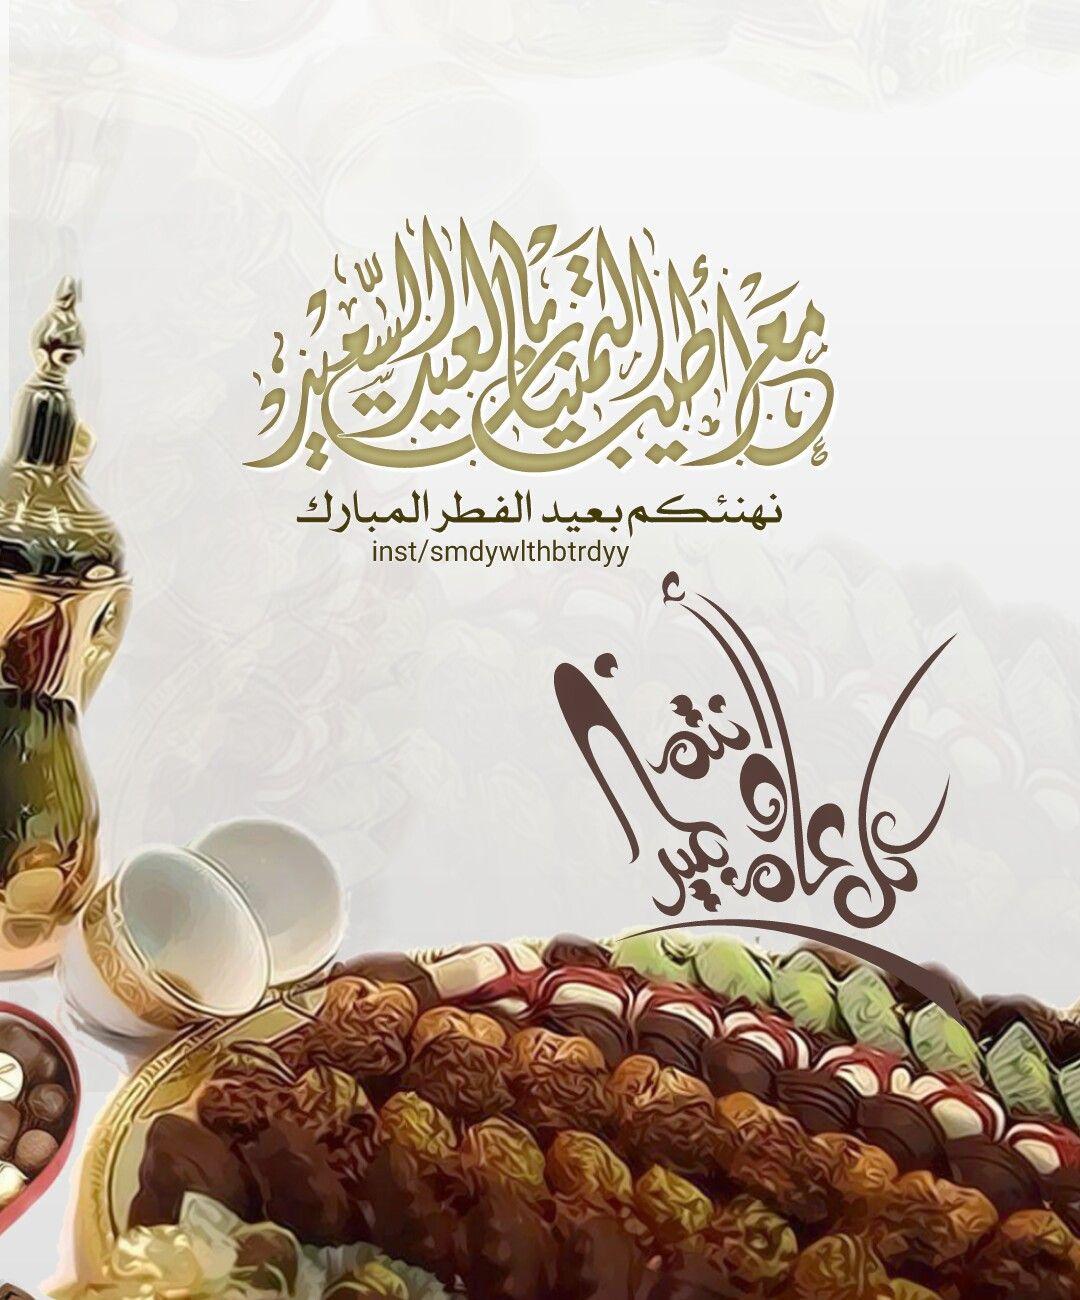 Pin By Um Ahmad On صور تهنئة Eid Mubarik Eid Cards Eid Al Fitr